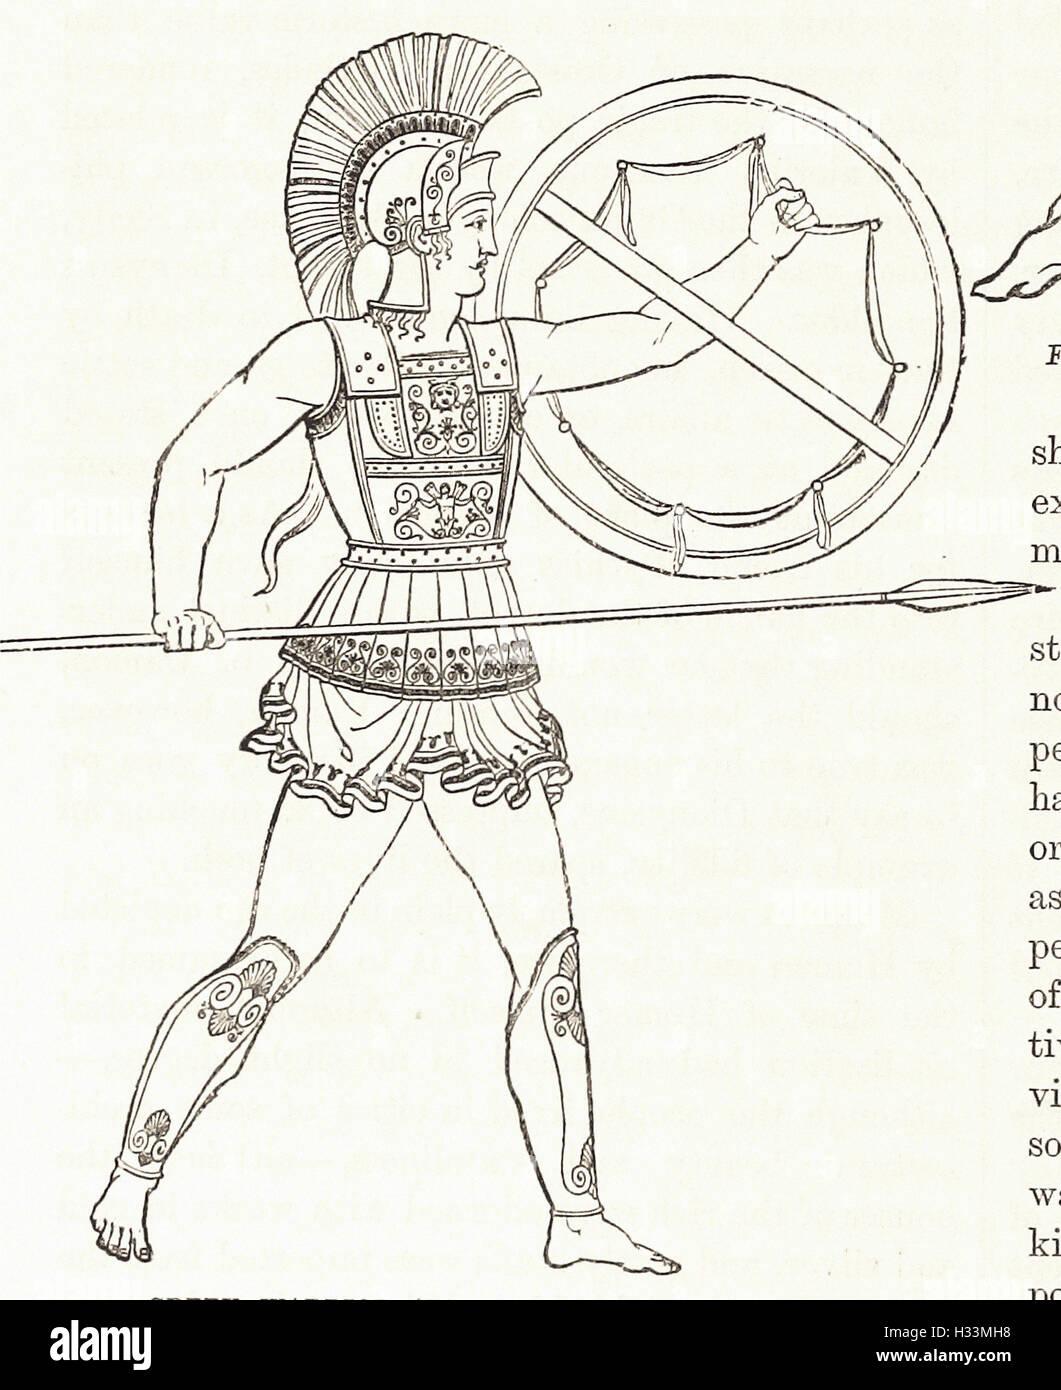 Guerrero griego armados con lanza y escudo, desde 'Cassell's ilustra la historia universal' - 1882 Imagen De Stock